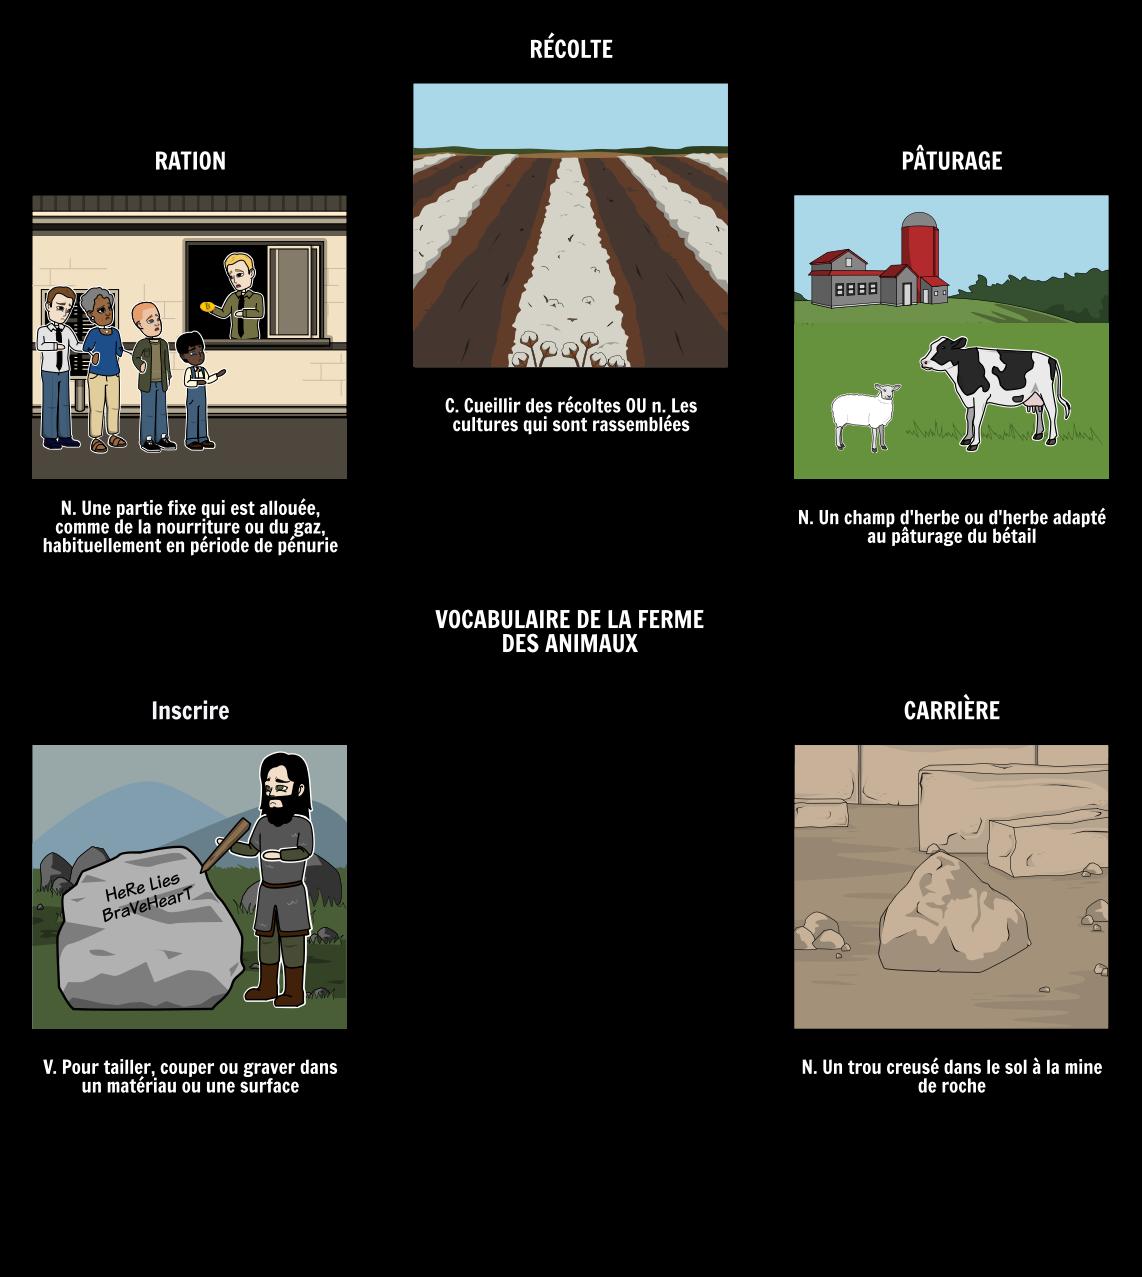 Vocabulaire de la Ferme des Animaux